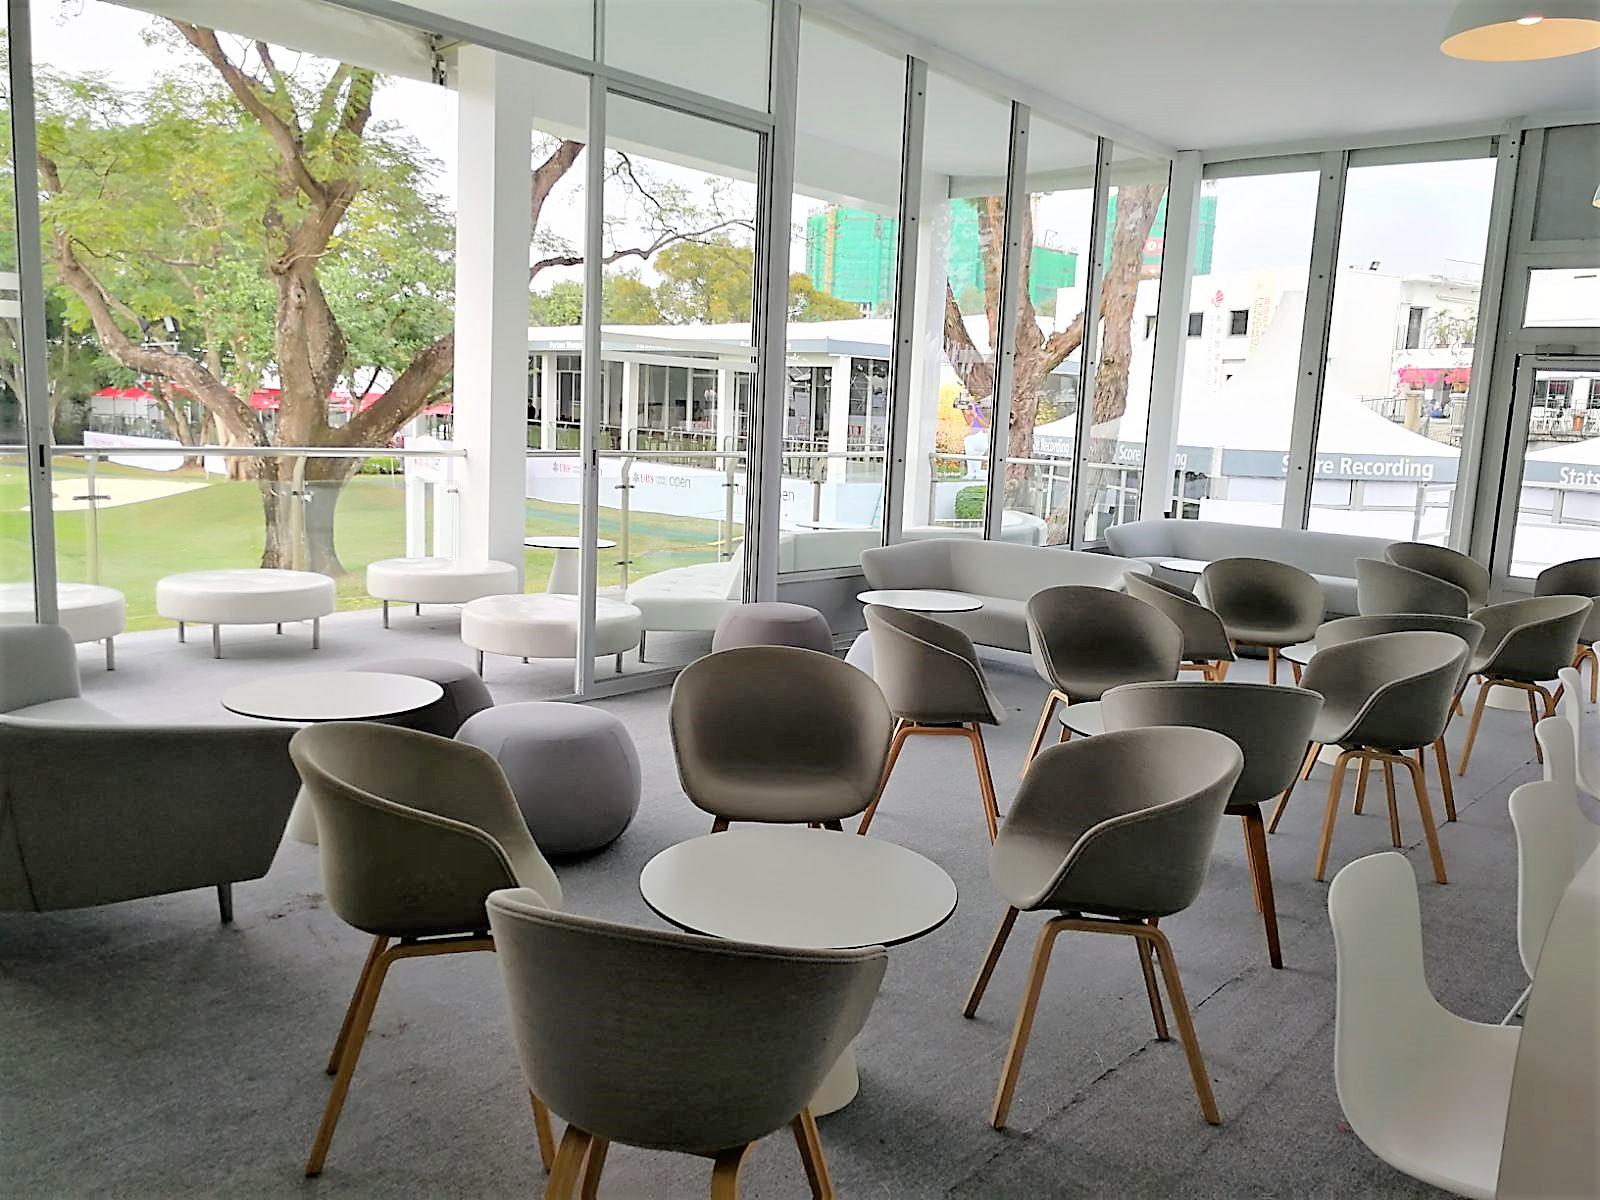 イロコデザインでレンタルできるテーブルやラウンジチェア